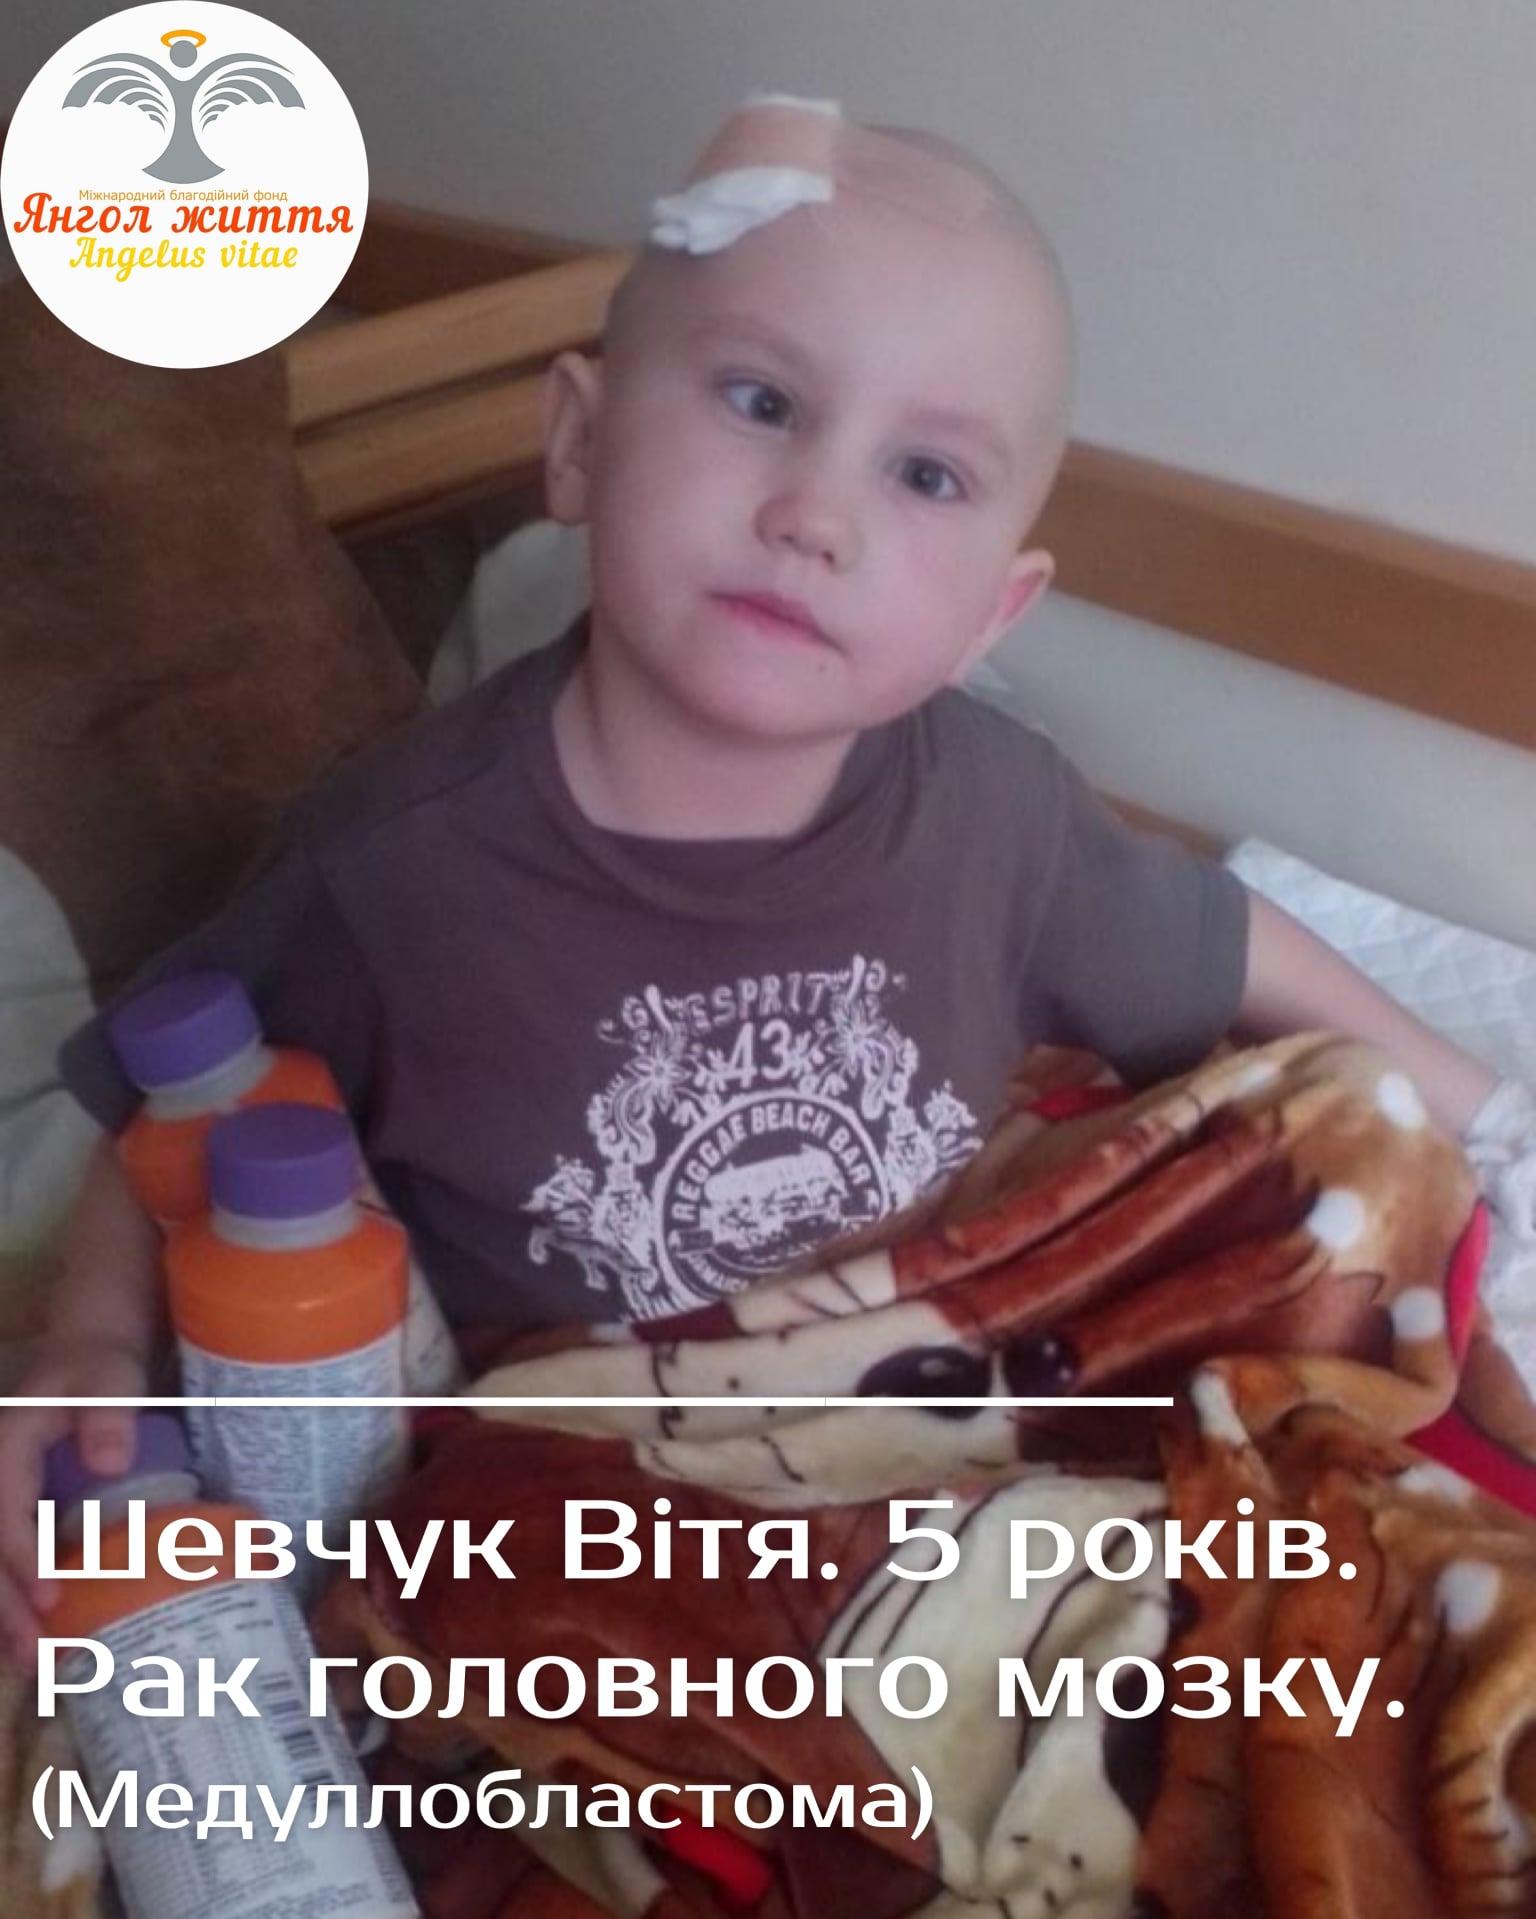 Допомоги жителів Кіровогрaдщини потребує п'ятирічний Шевчук Вітя